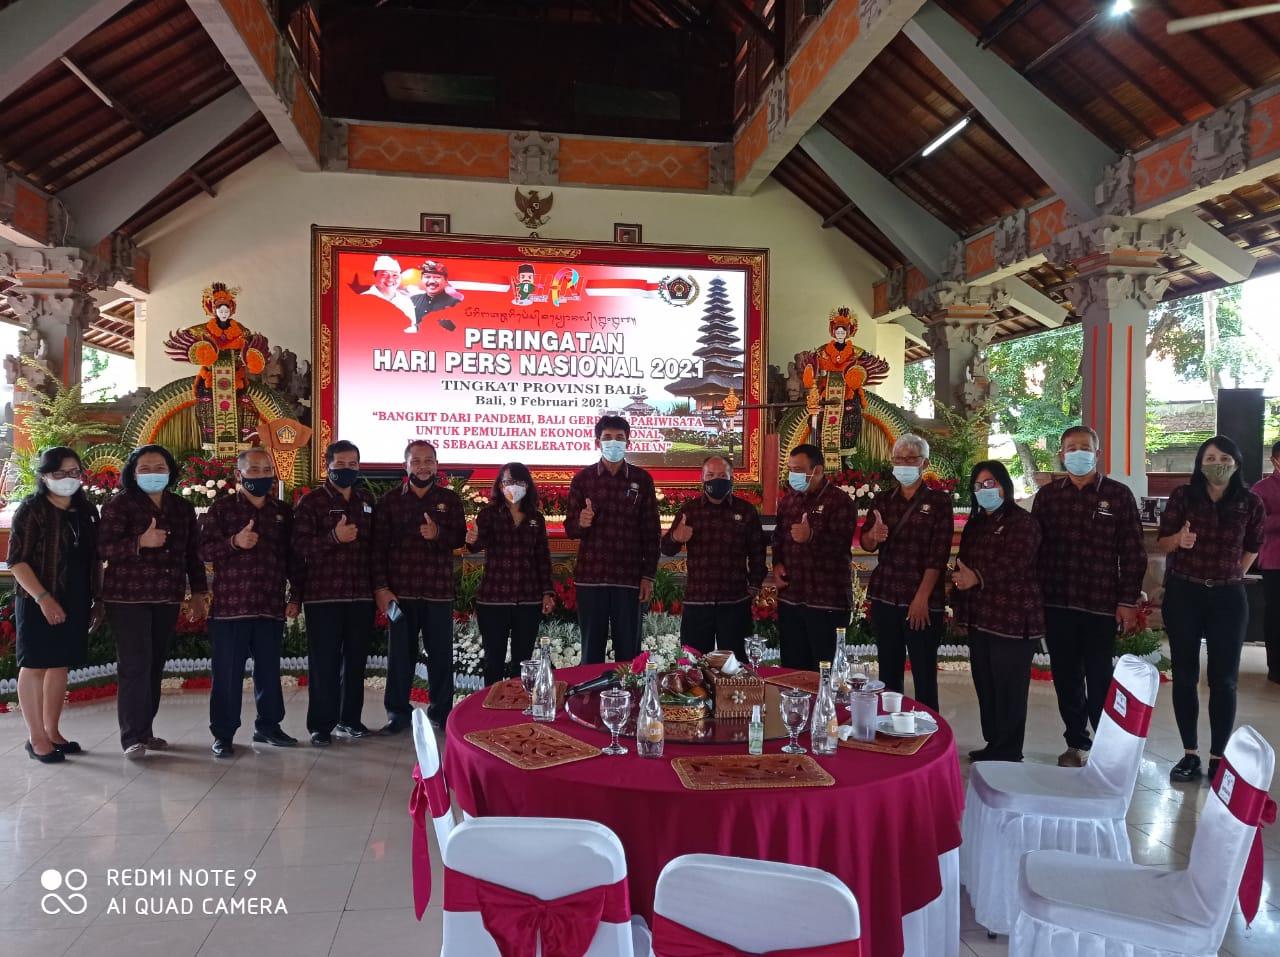 Jajaran Pengurus PWI Bali bersama Panitia Penyelenggara HPN 2021 Provinsi Bali foto bersama usai acara